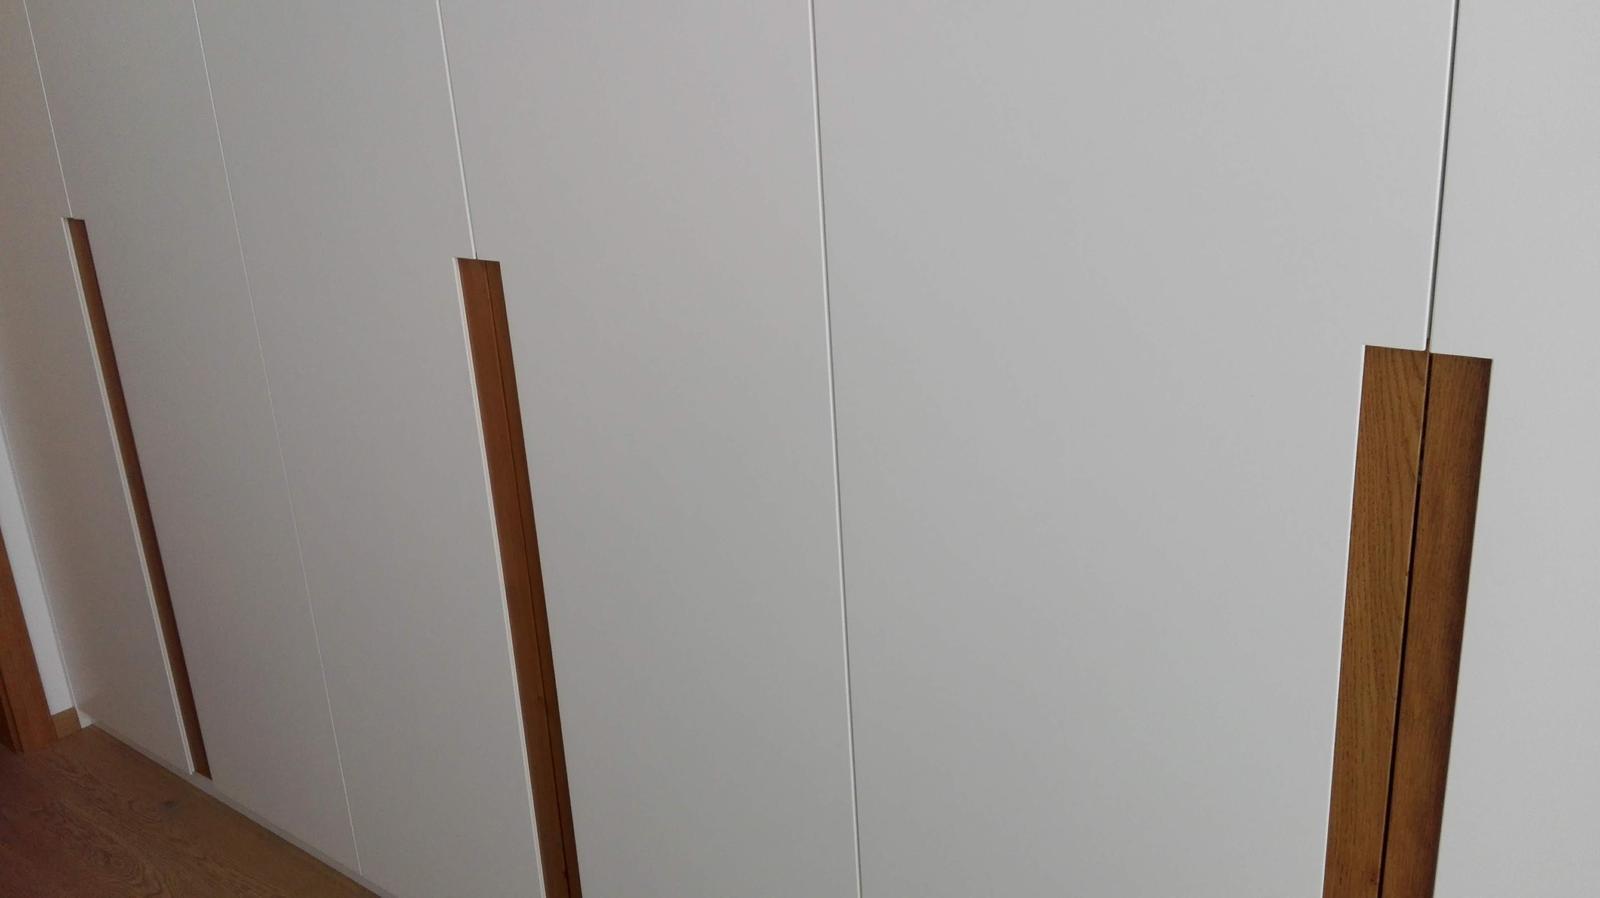 Dizajn a výroba nábytku na mieru Cubica - Vstavaný šatník s krídlovými dverami - mdf striekaná matná + dub prírodný - výroba cubica